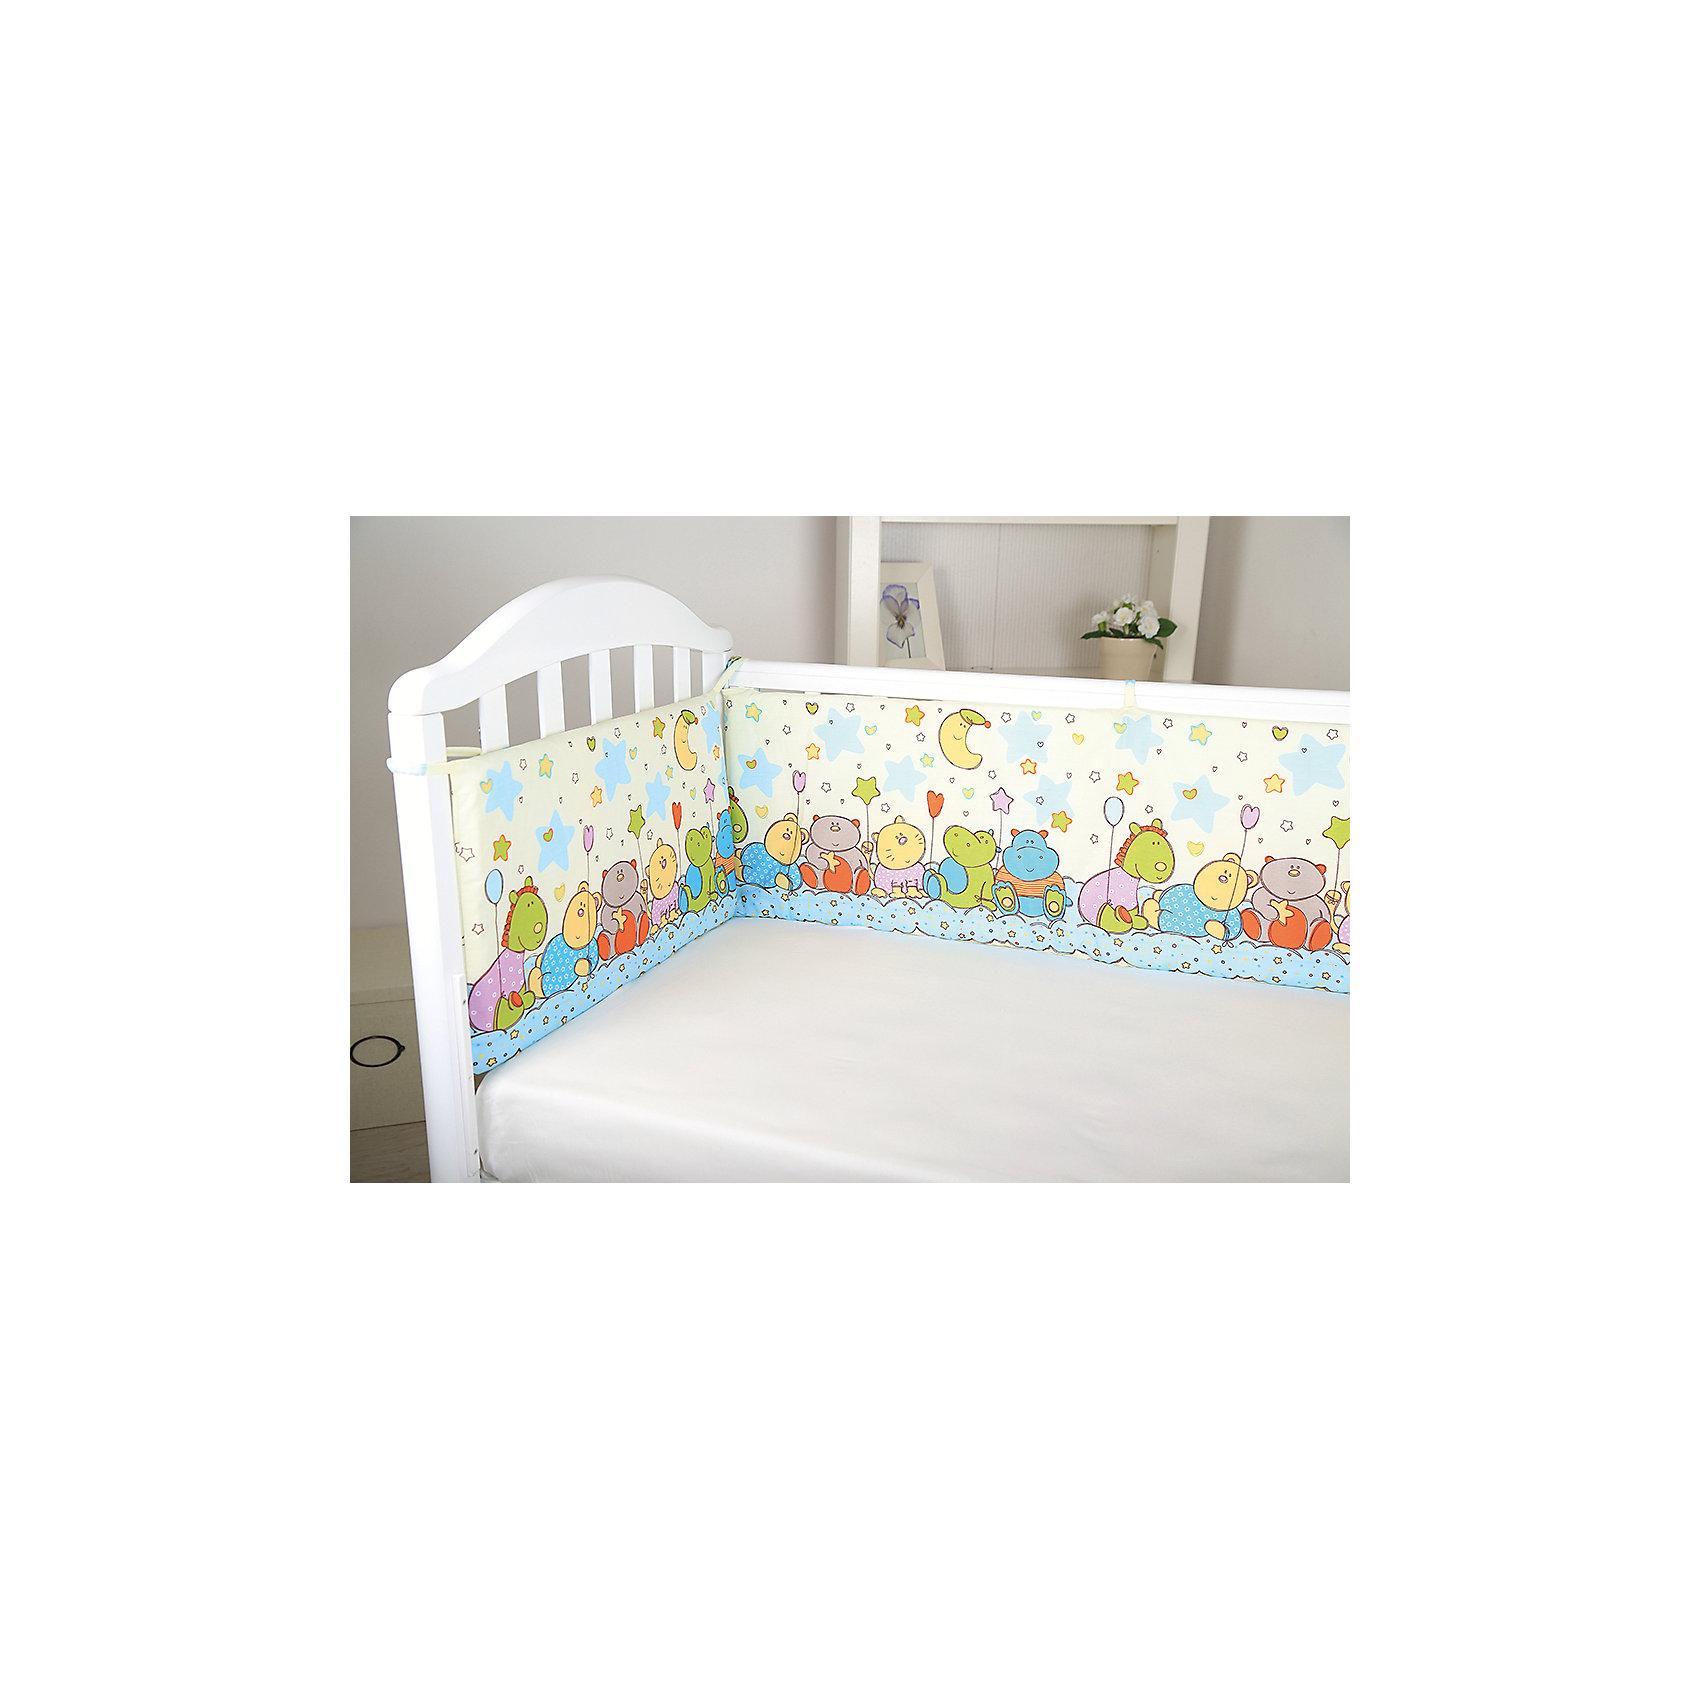 Борт в кроватку Звездопад, Baby Nice, желтыйМягкий борт в кроватку с нежным принтом и спокойной приятной расцветкой подарит крохе комфорт и безопасность. Борт - раздельный, выполнен из высококачественных гипоаллергенных материалов, сохраняющих цвет и свойства после стирки. <br><br><br>Дополнительная информация:<br><br>- Материал верха:  бязь (хлопок 100%).<br>- Наполнитель: периотек (полиэфирное волокно).<br>- Размер каждого бортика: 120х35-2 шт., 60х35-2 шт<br>- 4 бортика в комплекте.<br>- Цвет: желтый.<br><br>Борт в кроватку Звездопад, Baby Nice (Беби Найс), желтый, можно купить в нашем магазине.<br><br>Ширина мм: 600<br>Глубина мм: 350<br>Высота мм: 50<br>Вес г: 600<br>Возраст от месяцев: 0<br>Возраст до месяцев: 60<br>Пол: Унисекс<br>Возраст: Детский<br>SKU: 4058280